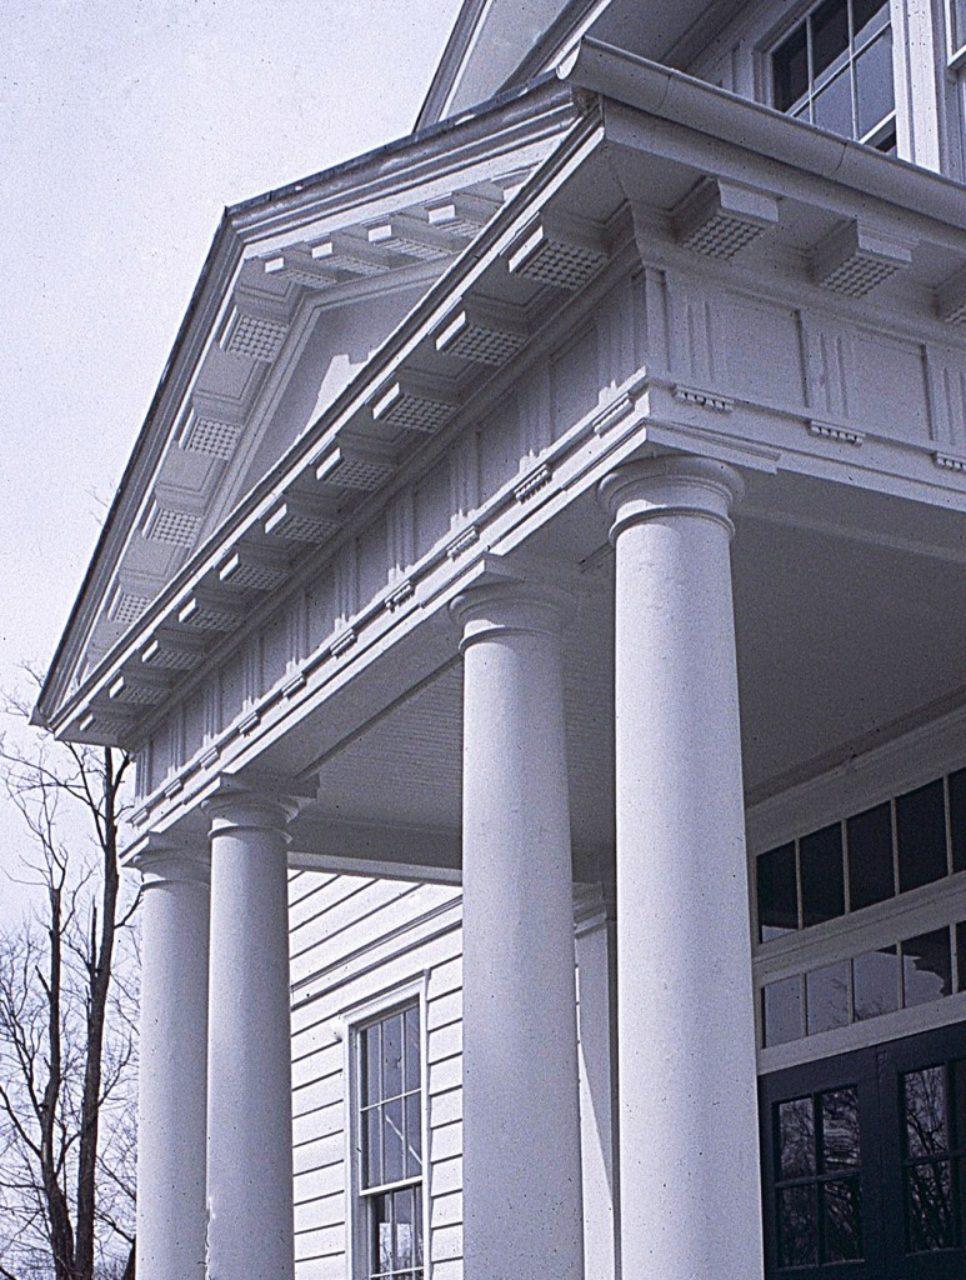 Figure 15. Waterford Elementary School, Waterford, Virginia (Loth)